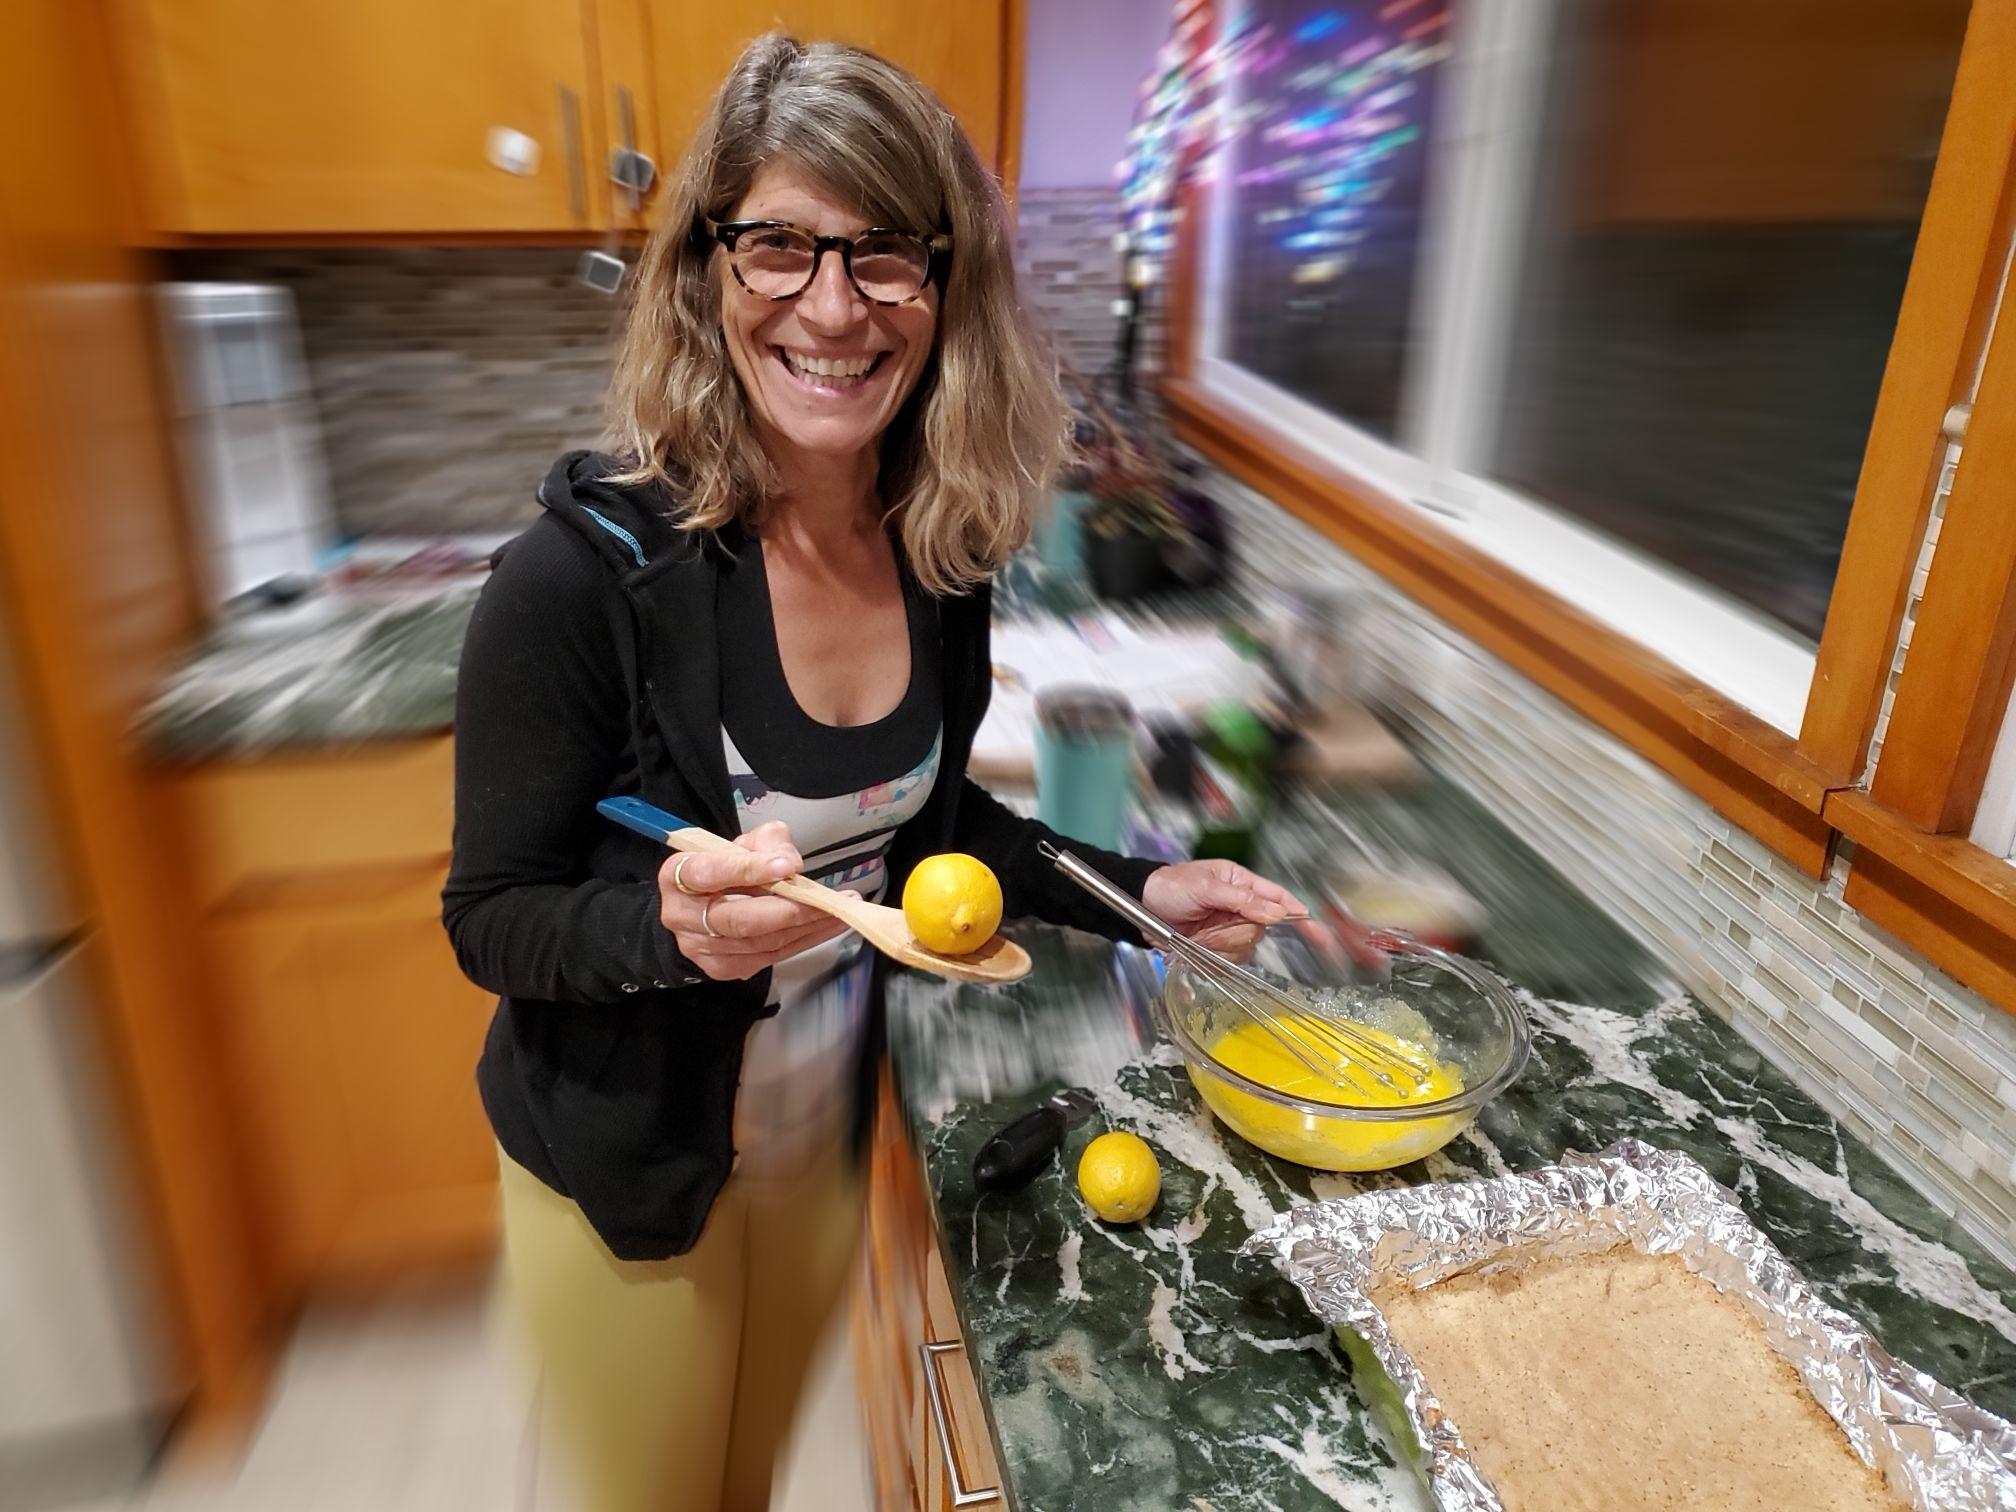 5 making lemon bars